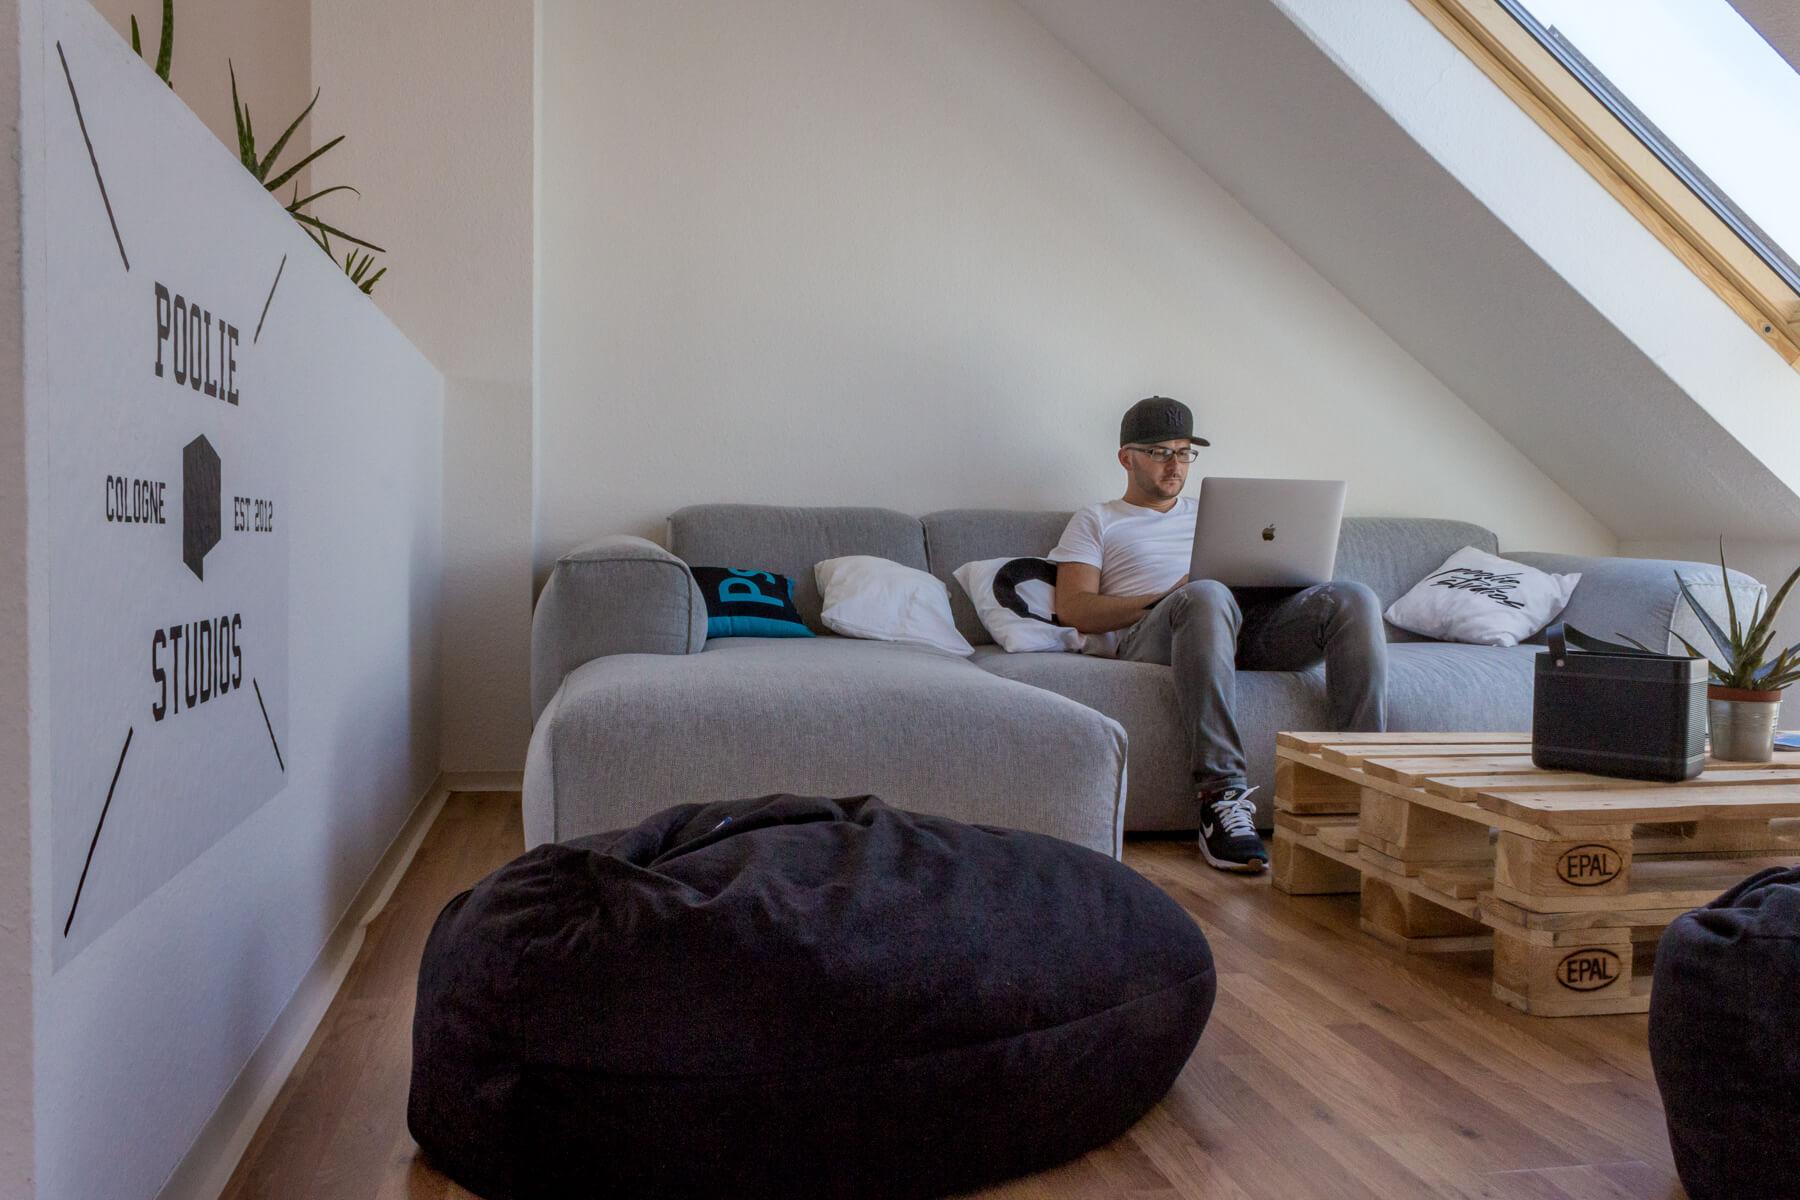 Digitale Leute - Alexander Kaiser - Pooliestudios - Neben dem Mac nutzt Alexander Kaiser auch das kleine iPad Pro, mit dem sich auch unterwegs gut arbeiten lässst.